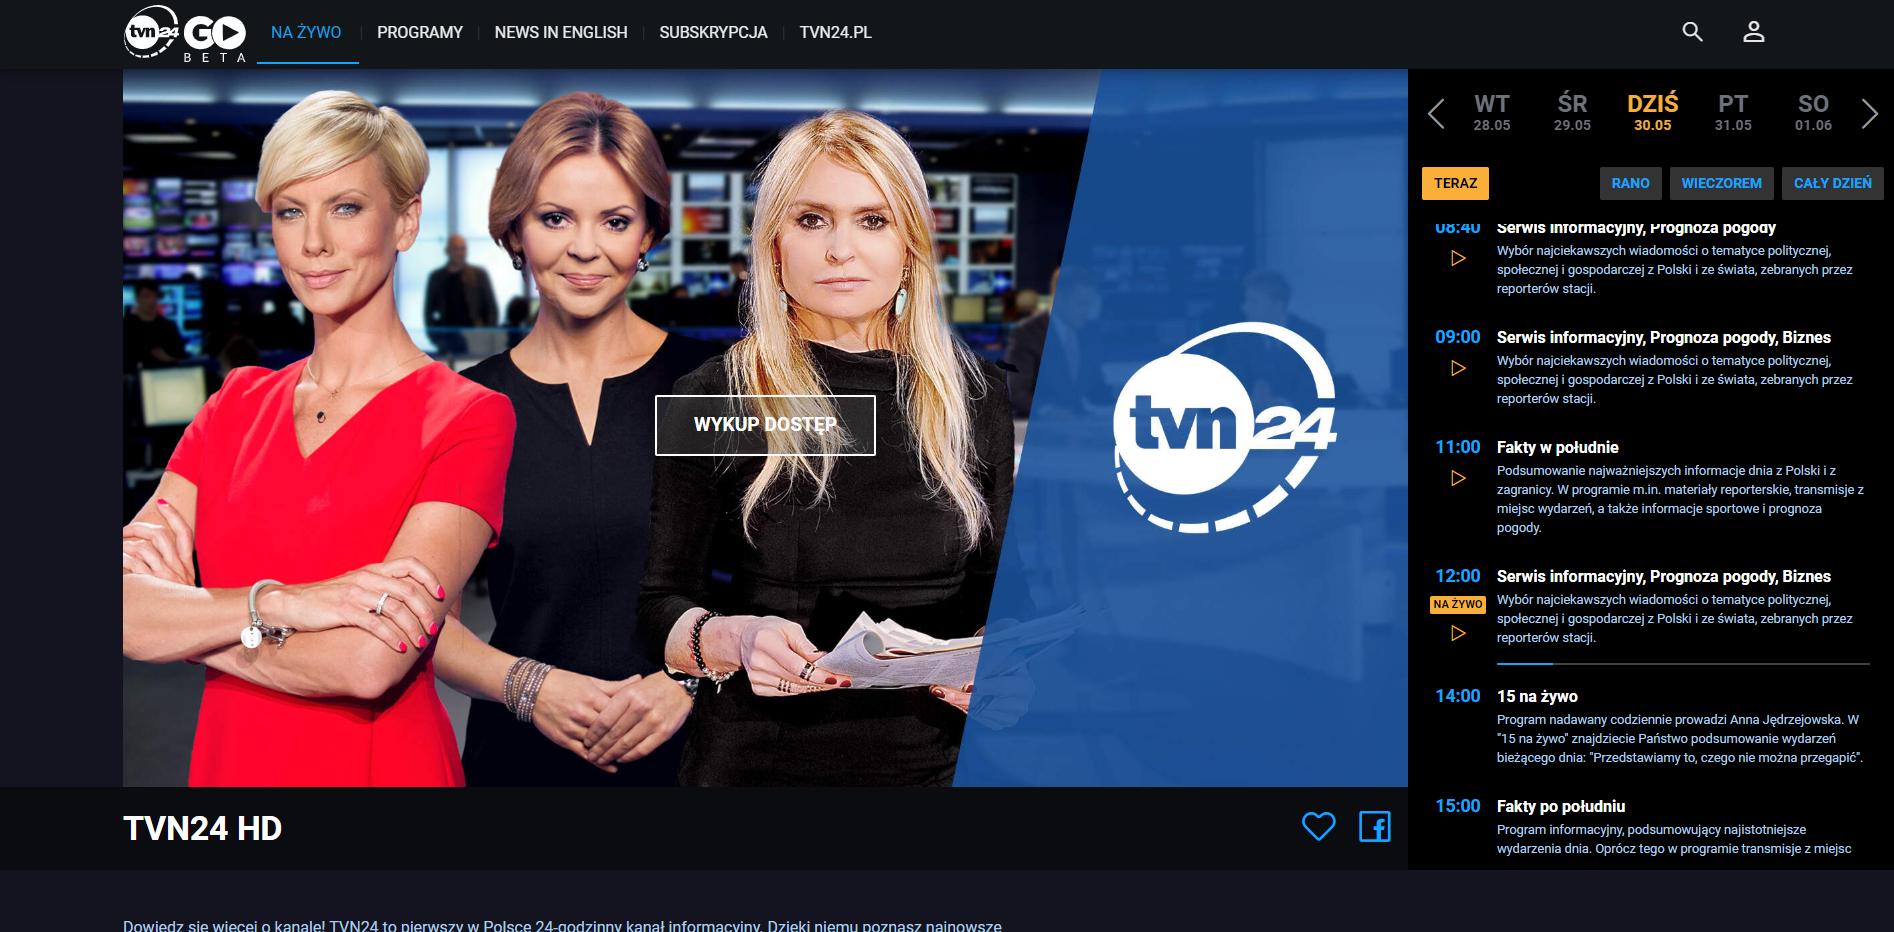 TVN24 GO